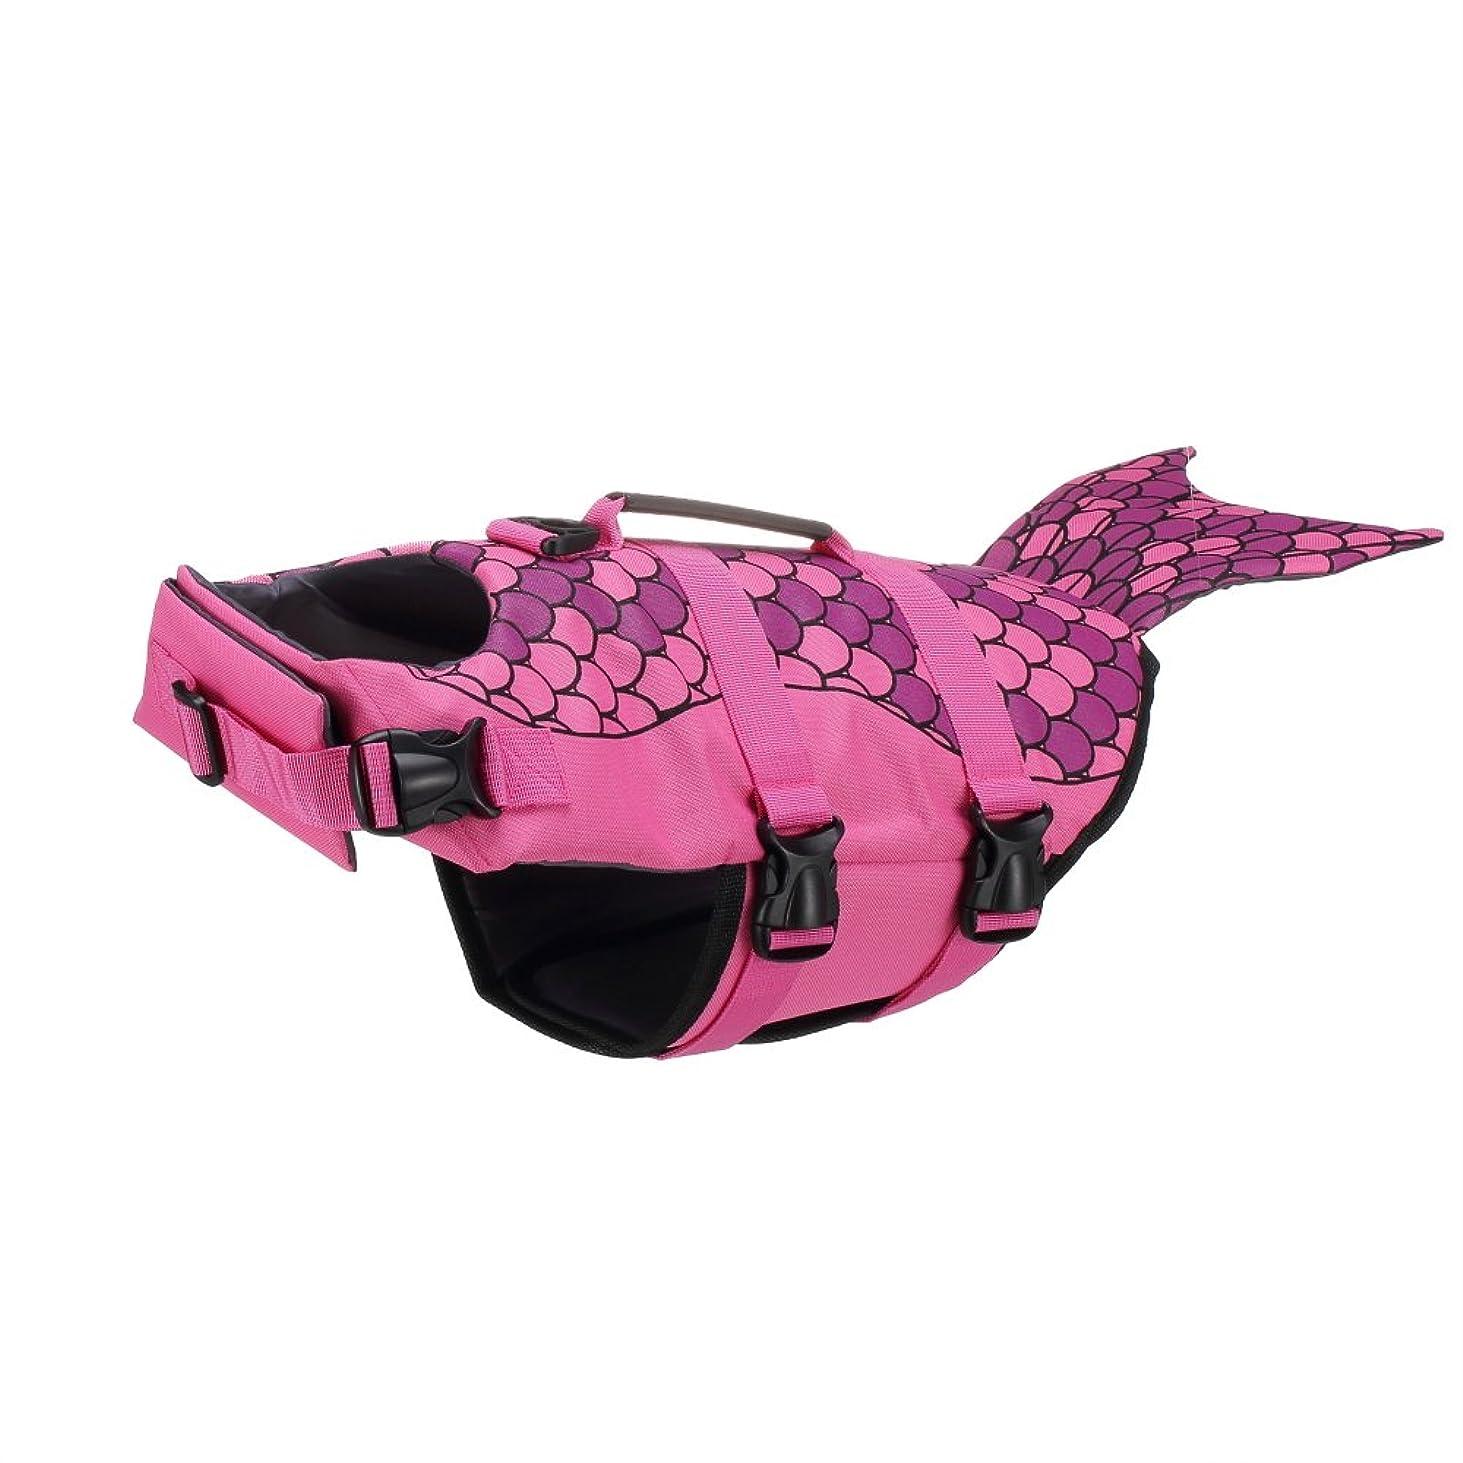 リットルストリップキャプテンブライBeho ペット用品 犬 ライフジャケット 密度の高い生地採用 浮力が優れる 水泳練習 かわいい 救命胴衣 フローティングベスト 安全 人魚 サメ S/M/L - L ローズレッド